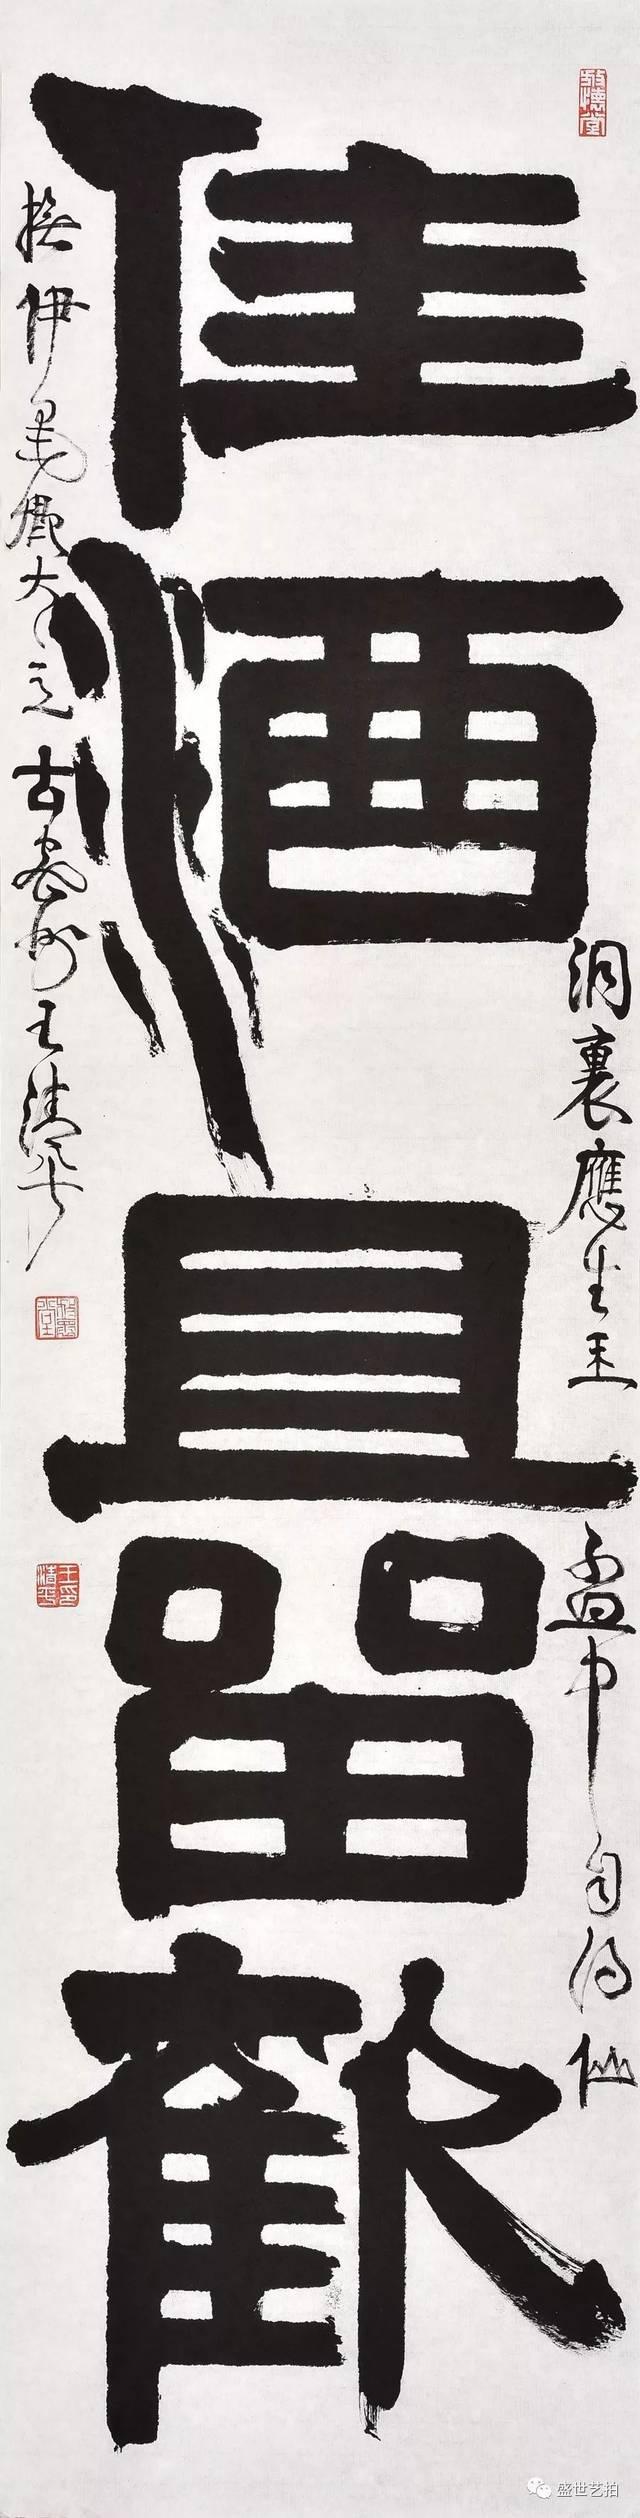 """时间:8月1日10:00——8月2日22:00 6,王清平 隶书""""晴窗一日几回看""""图片"""